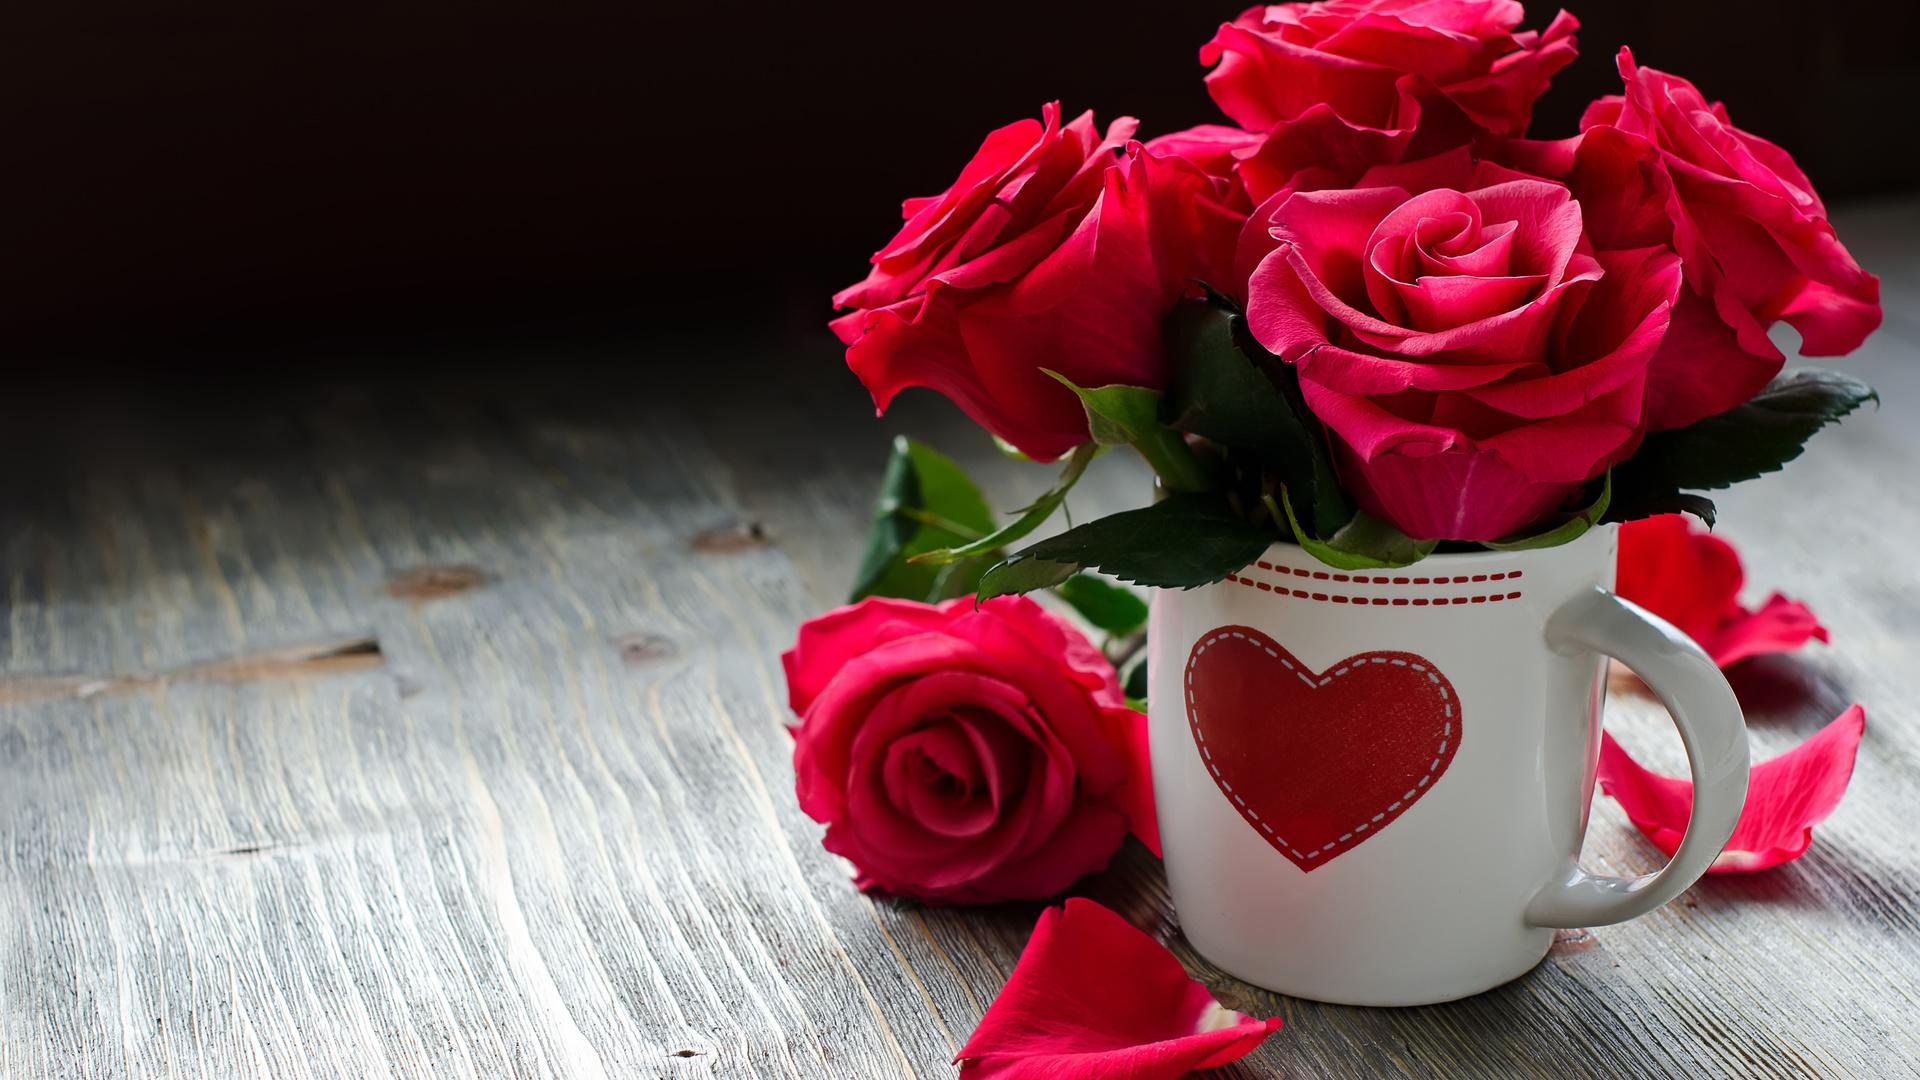 Красивые картинки цветы с надписью красивой девушке, днем свадьбы красивые